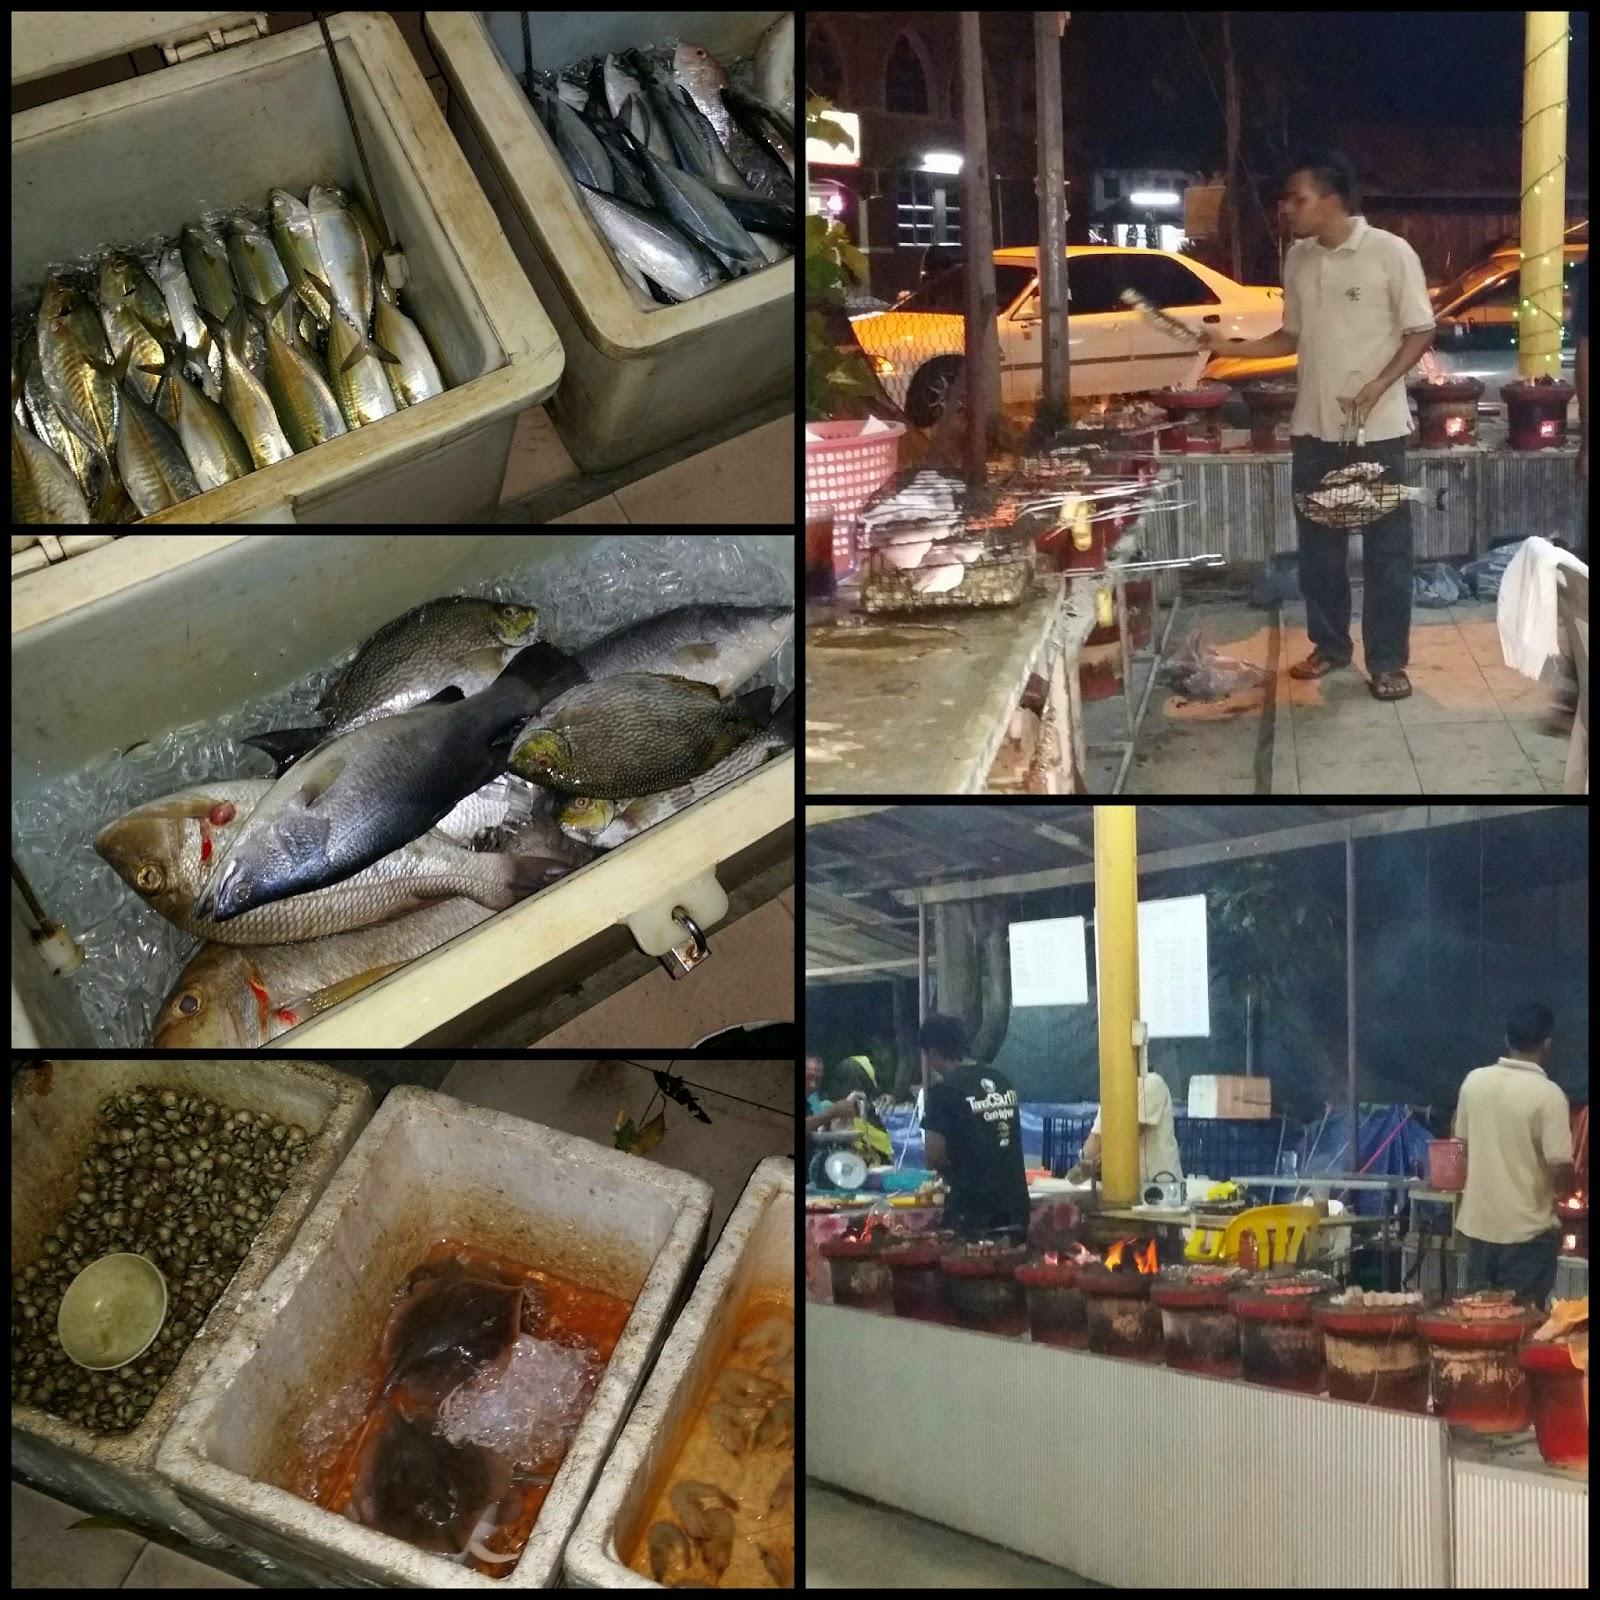 ikan bakar sedap, ikan bakar wakaf che yeh, restoran ikan bakar paling sedap, resepi ikan bakar, ikan bakar yang sedap, ikan bakar paling sedap, raja ikan bakar,